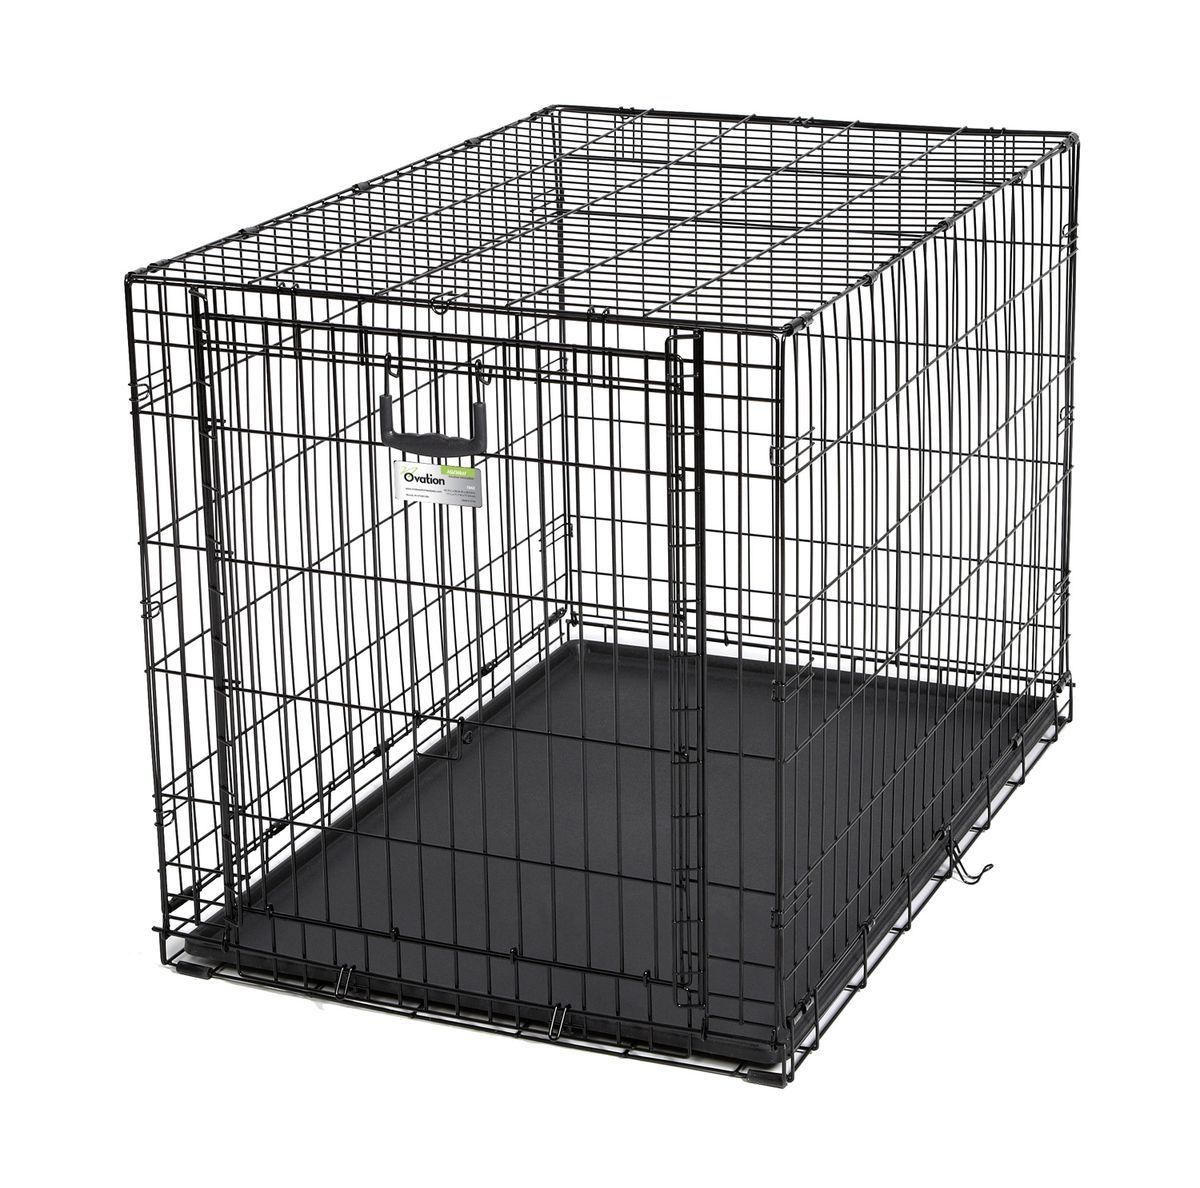 Клетка Midwest Ovation, 1 дверь рельсовая, 111 x 71,7 x 76,8 см1942Клетка Midwest Ovation разработана специально для транспортировки средних и крупных собак. Закругленная угловая защита обеспечивает безопасность питомцам и людям. Клетка из нержавеющей стали оснащена: - одной рельсовой дверкой (открывается вверх); - безопасным двойным замком (задвижка закрывает и снаружи и внутри); - прочным пластиковым поддоном, который не повреждает поверхность, на которой размещается; - разделяющей панелью, обеспечивающей создание универсальных отсеков; - качественными ручками для переноски питомца. Размер клетки (ДхШхВ): 111 x 71,7 x 76,8 см. Вес конструкции: 15,8 кг. Товар сертифицирован.